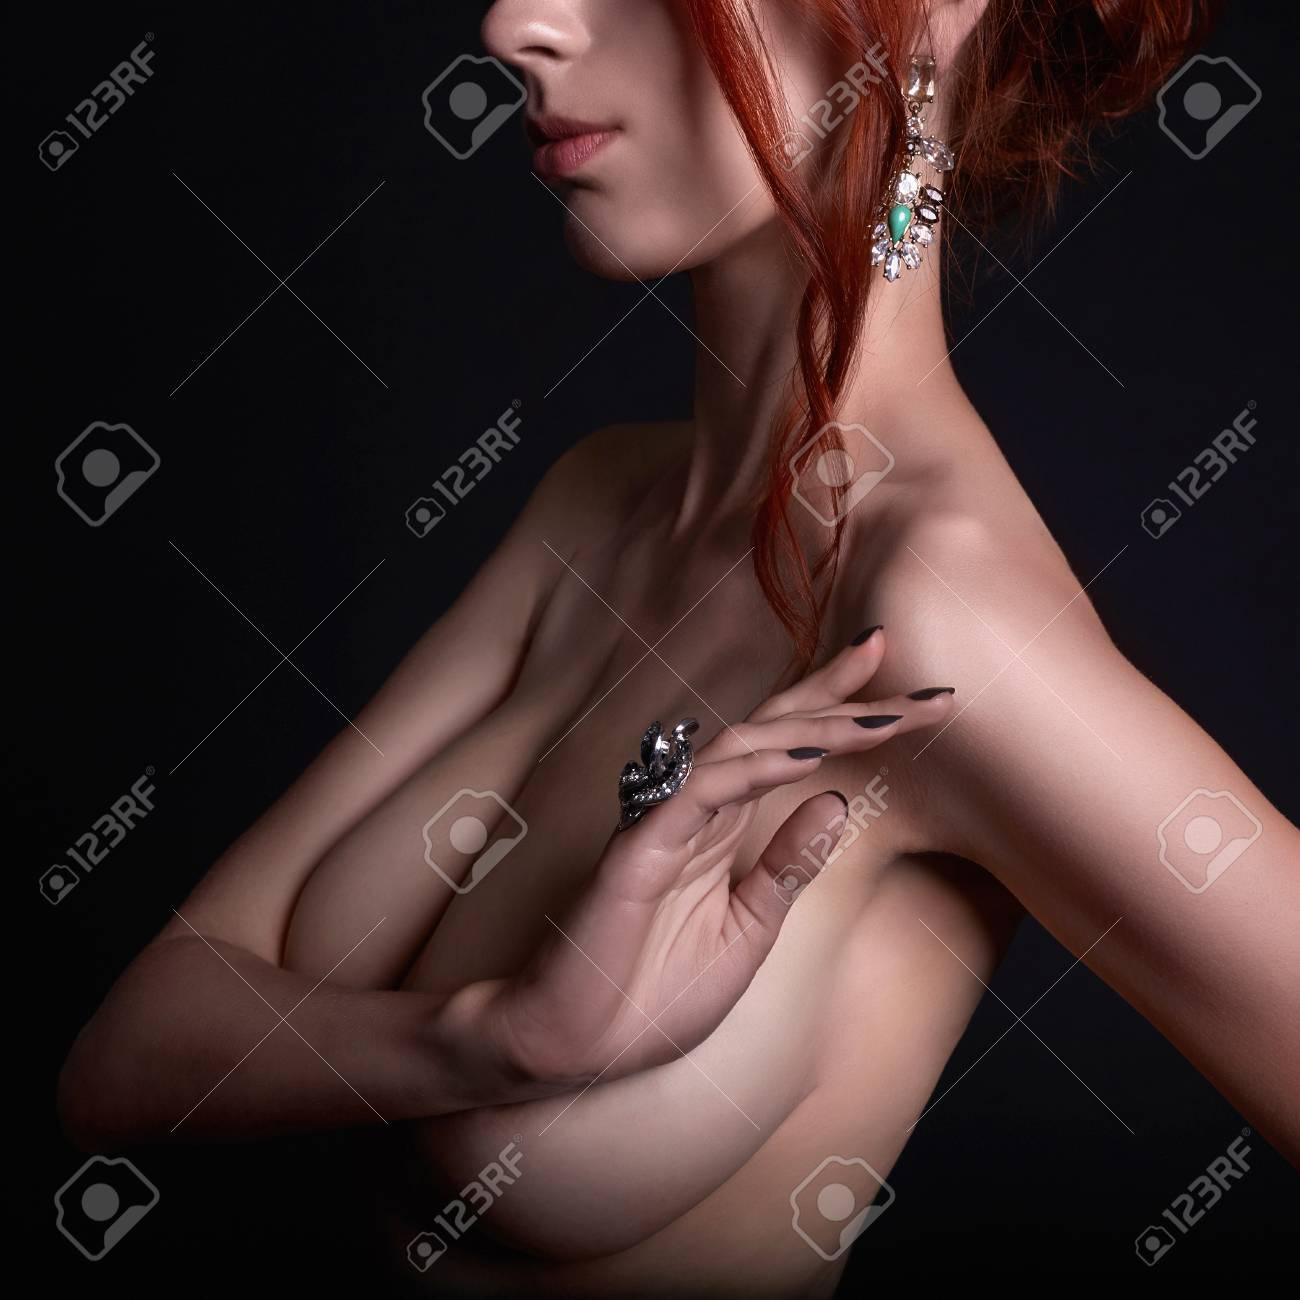 Nuru massage osnabrück